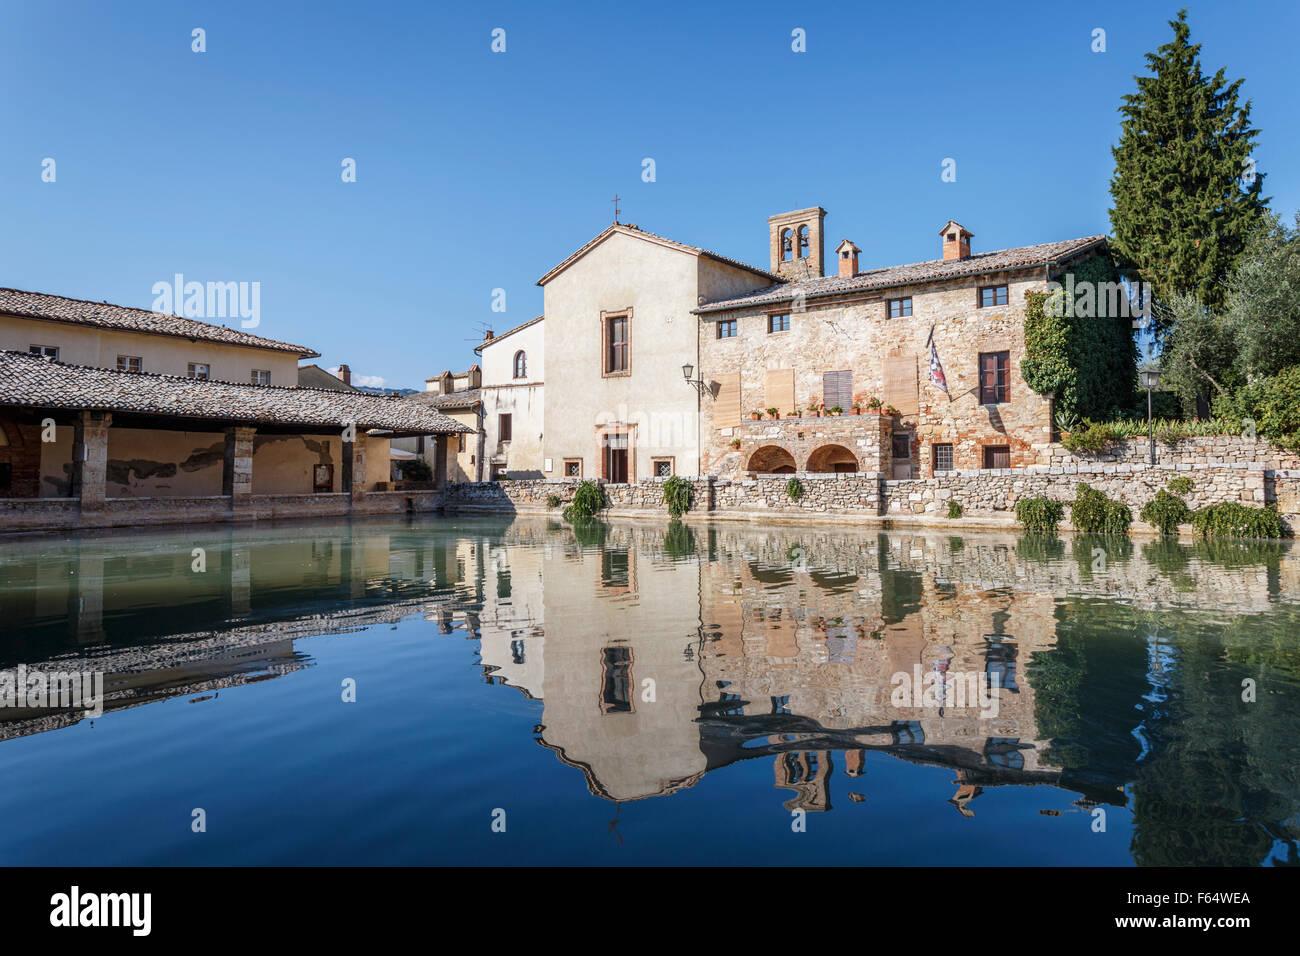 Bagno Vignoni Spa Stock Photos & Bagno Vignoni Spa Stock Images ...